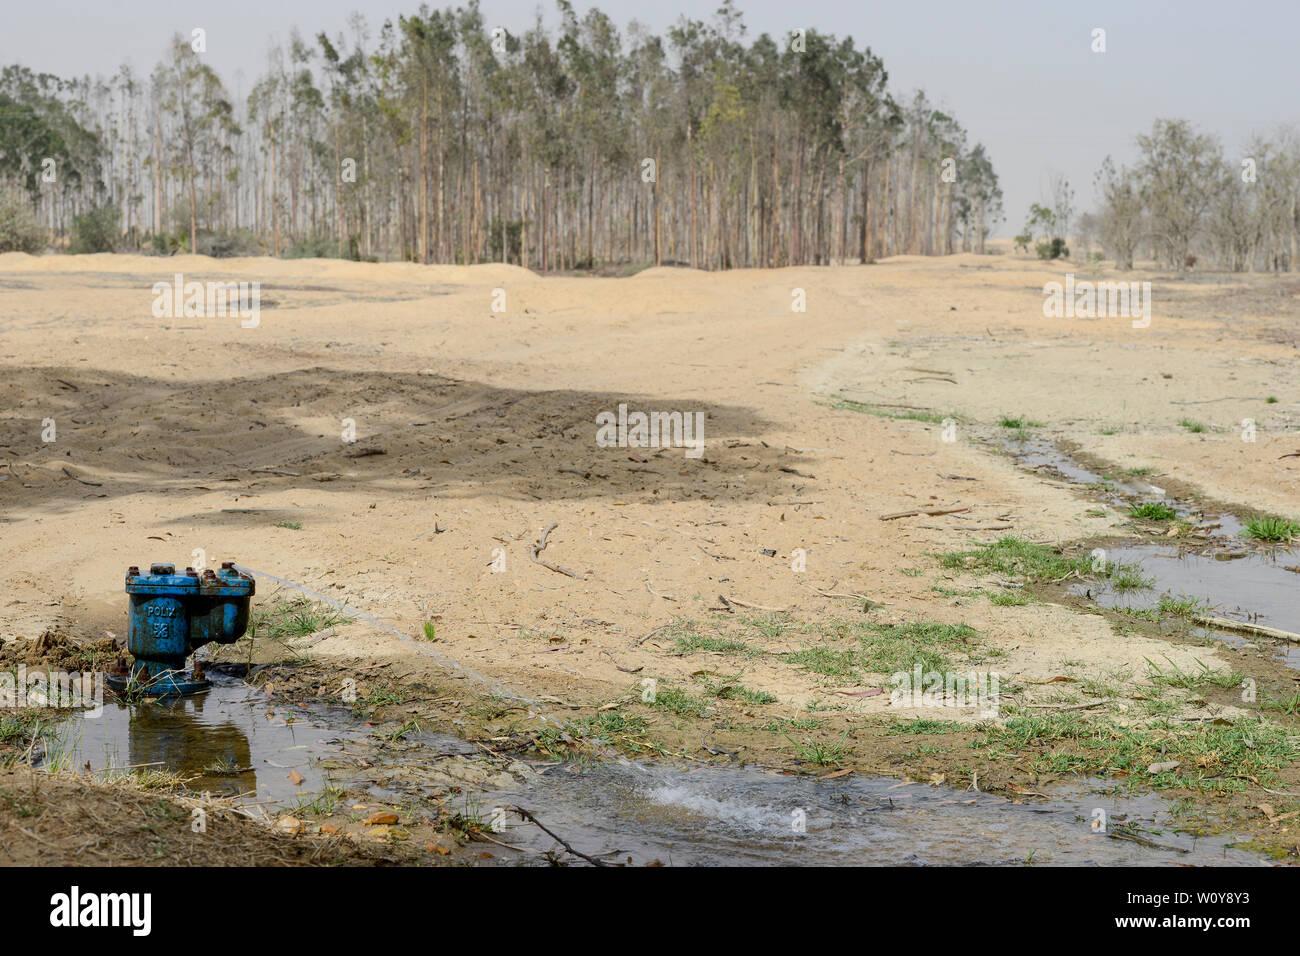 EGYPT, Ismallia , Sarapium forest in the desert, the eucalyptus trees are irrigated by treated sewage water from Ismalia / AEGYPTEN, Ismailia, Sarapium Forstprojekt in der Wueste, die Baeume werden mit geklaertem Abwasser der Stadt Ismalia bewaessert Stock Photo